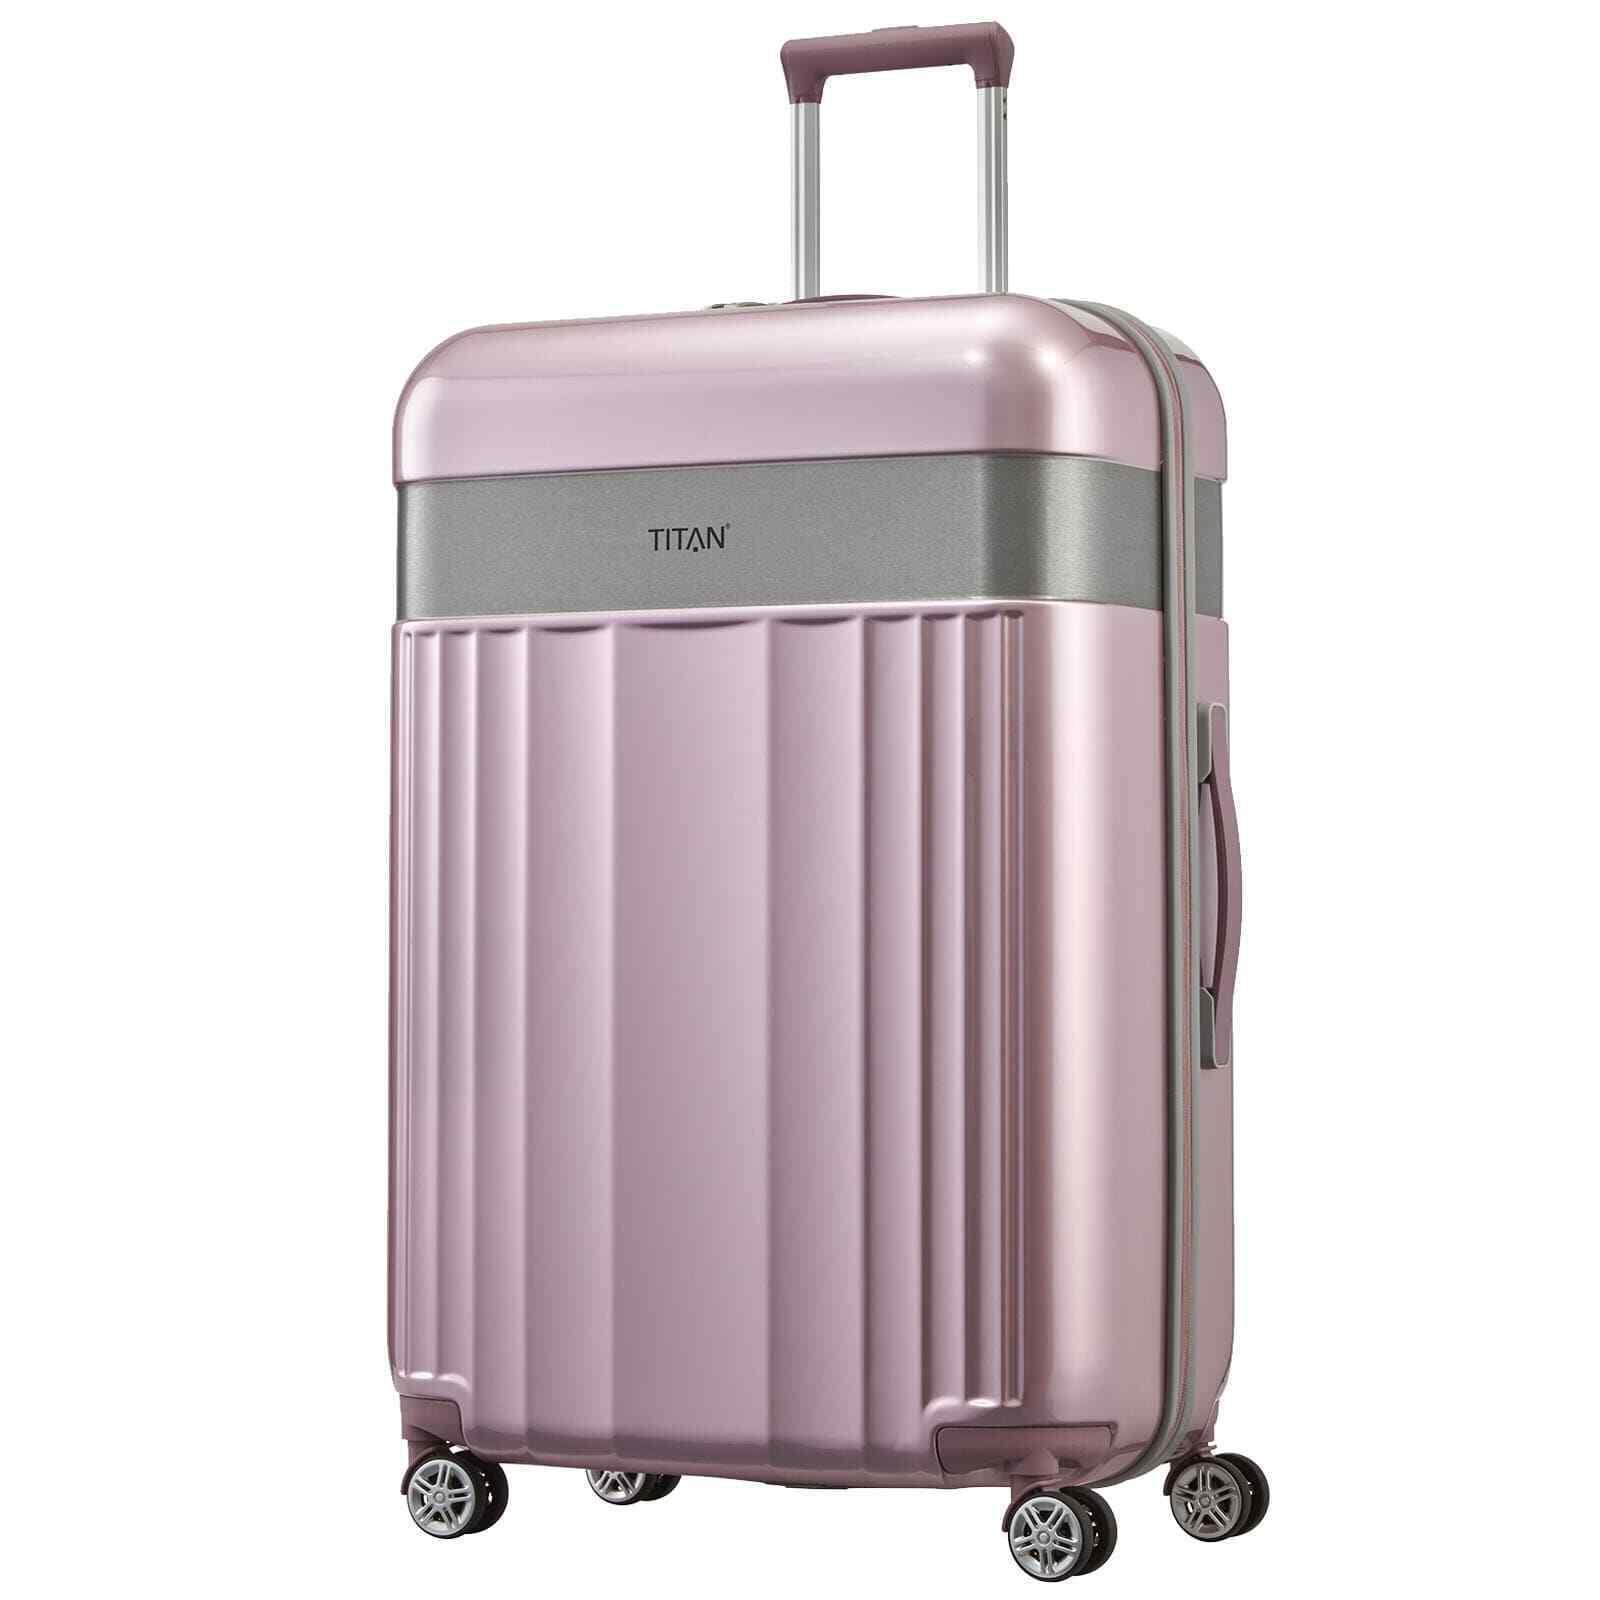 TITAN SPOTLIGHT FLASH 76cm Wild-Rose Pink Reisekoffer Hartschalengepäck 4 Rad